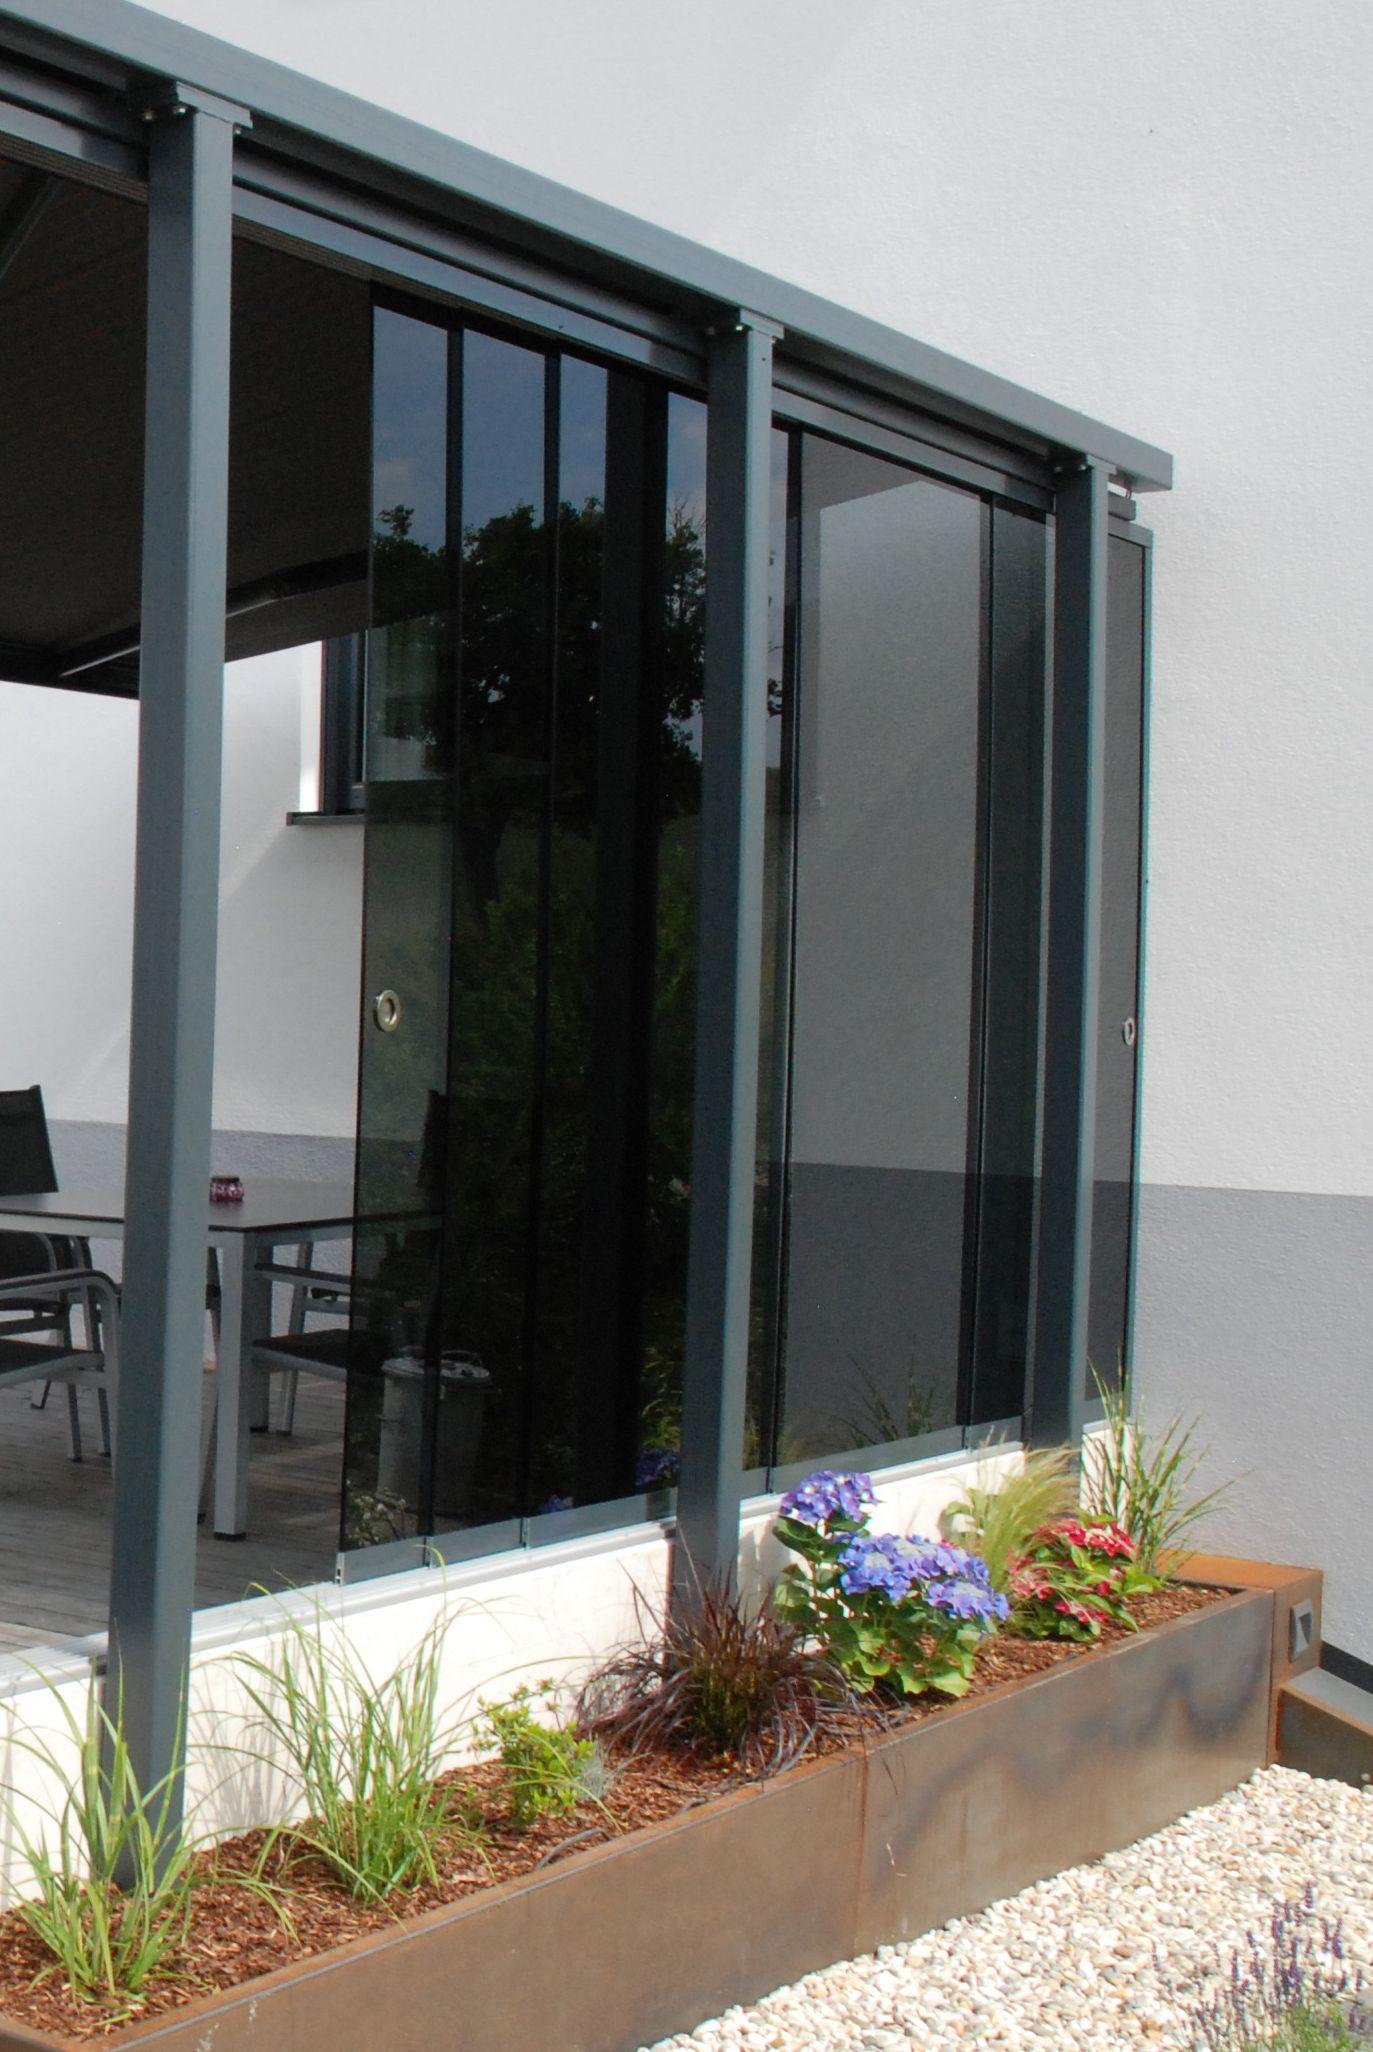 Freistehender Windschutz Mit Glasschiebewand Für Terrasse In